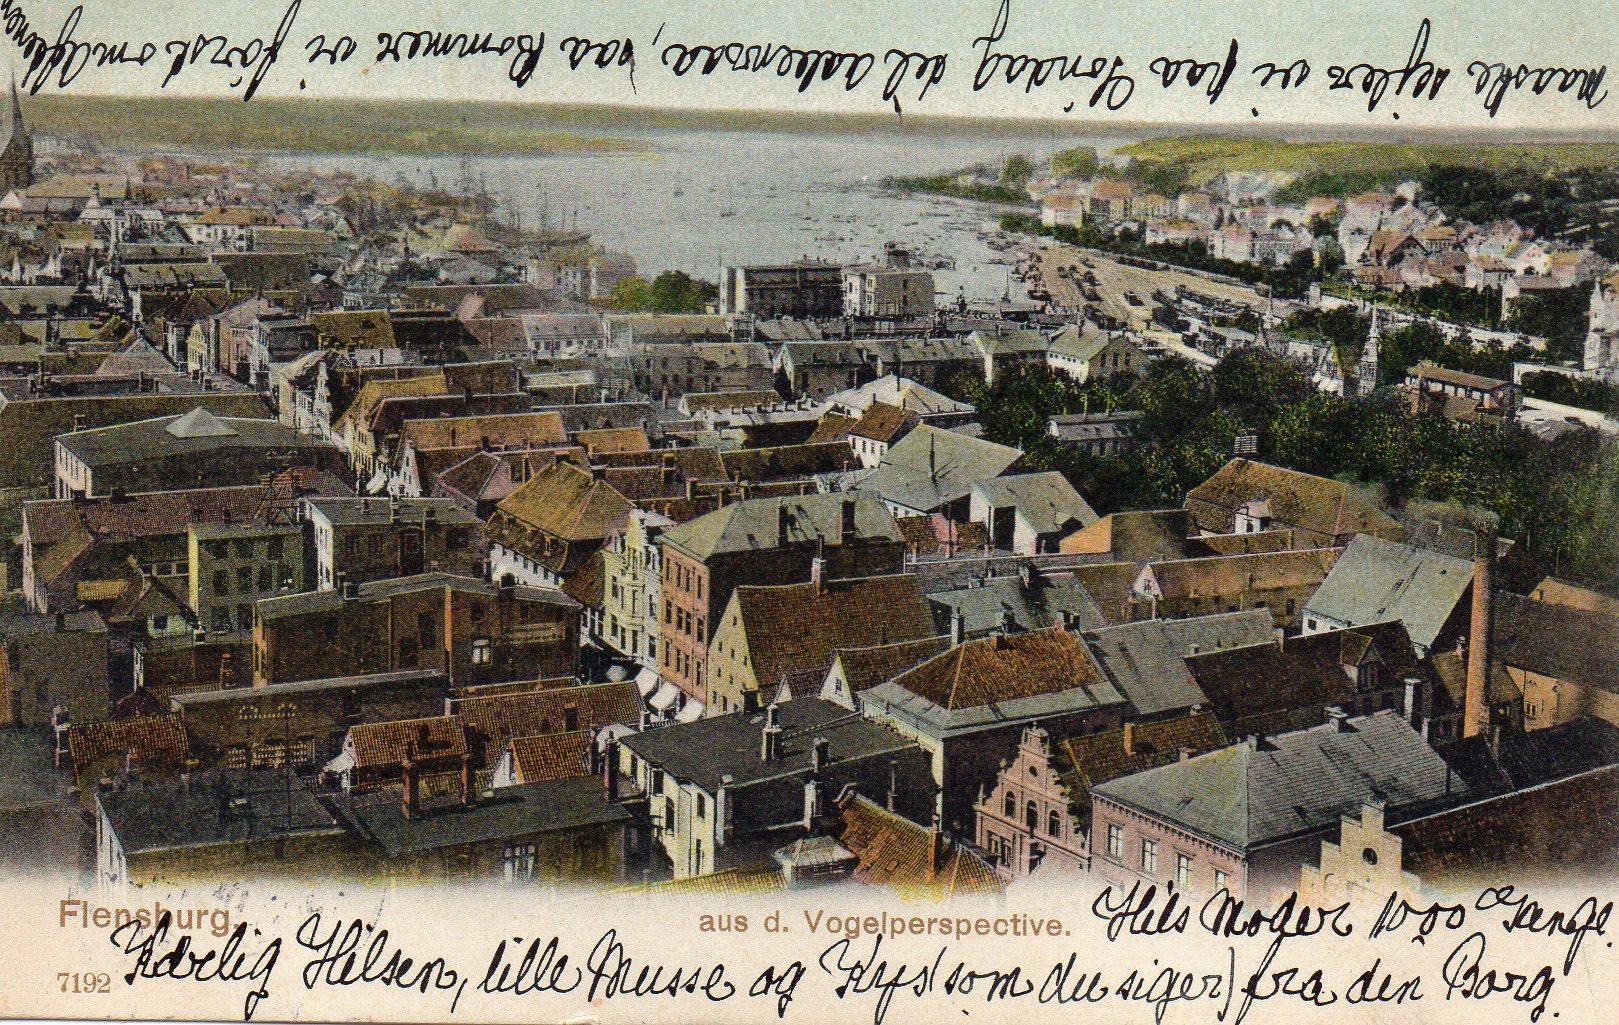 Flensburg Fugleperspektiv